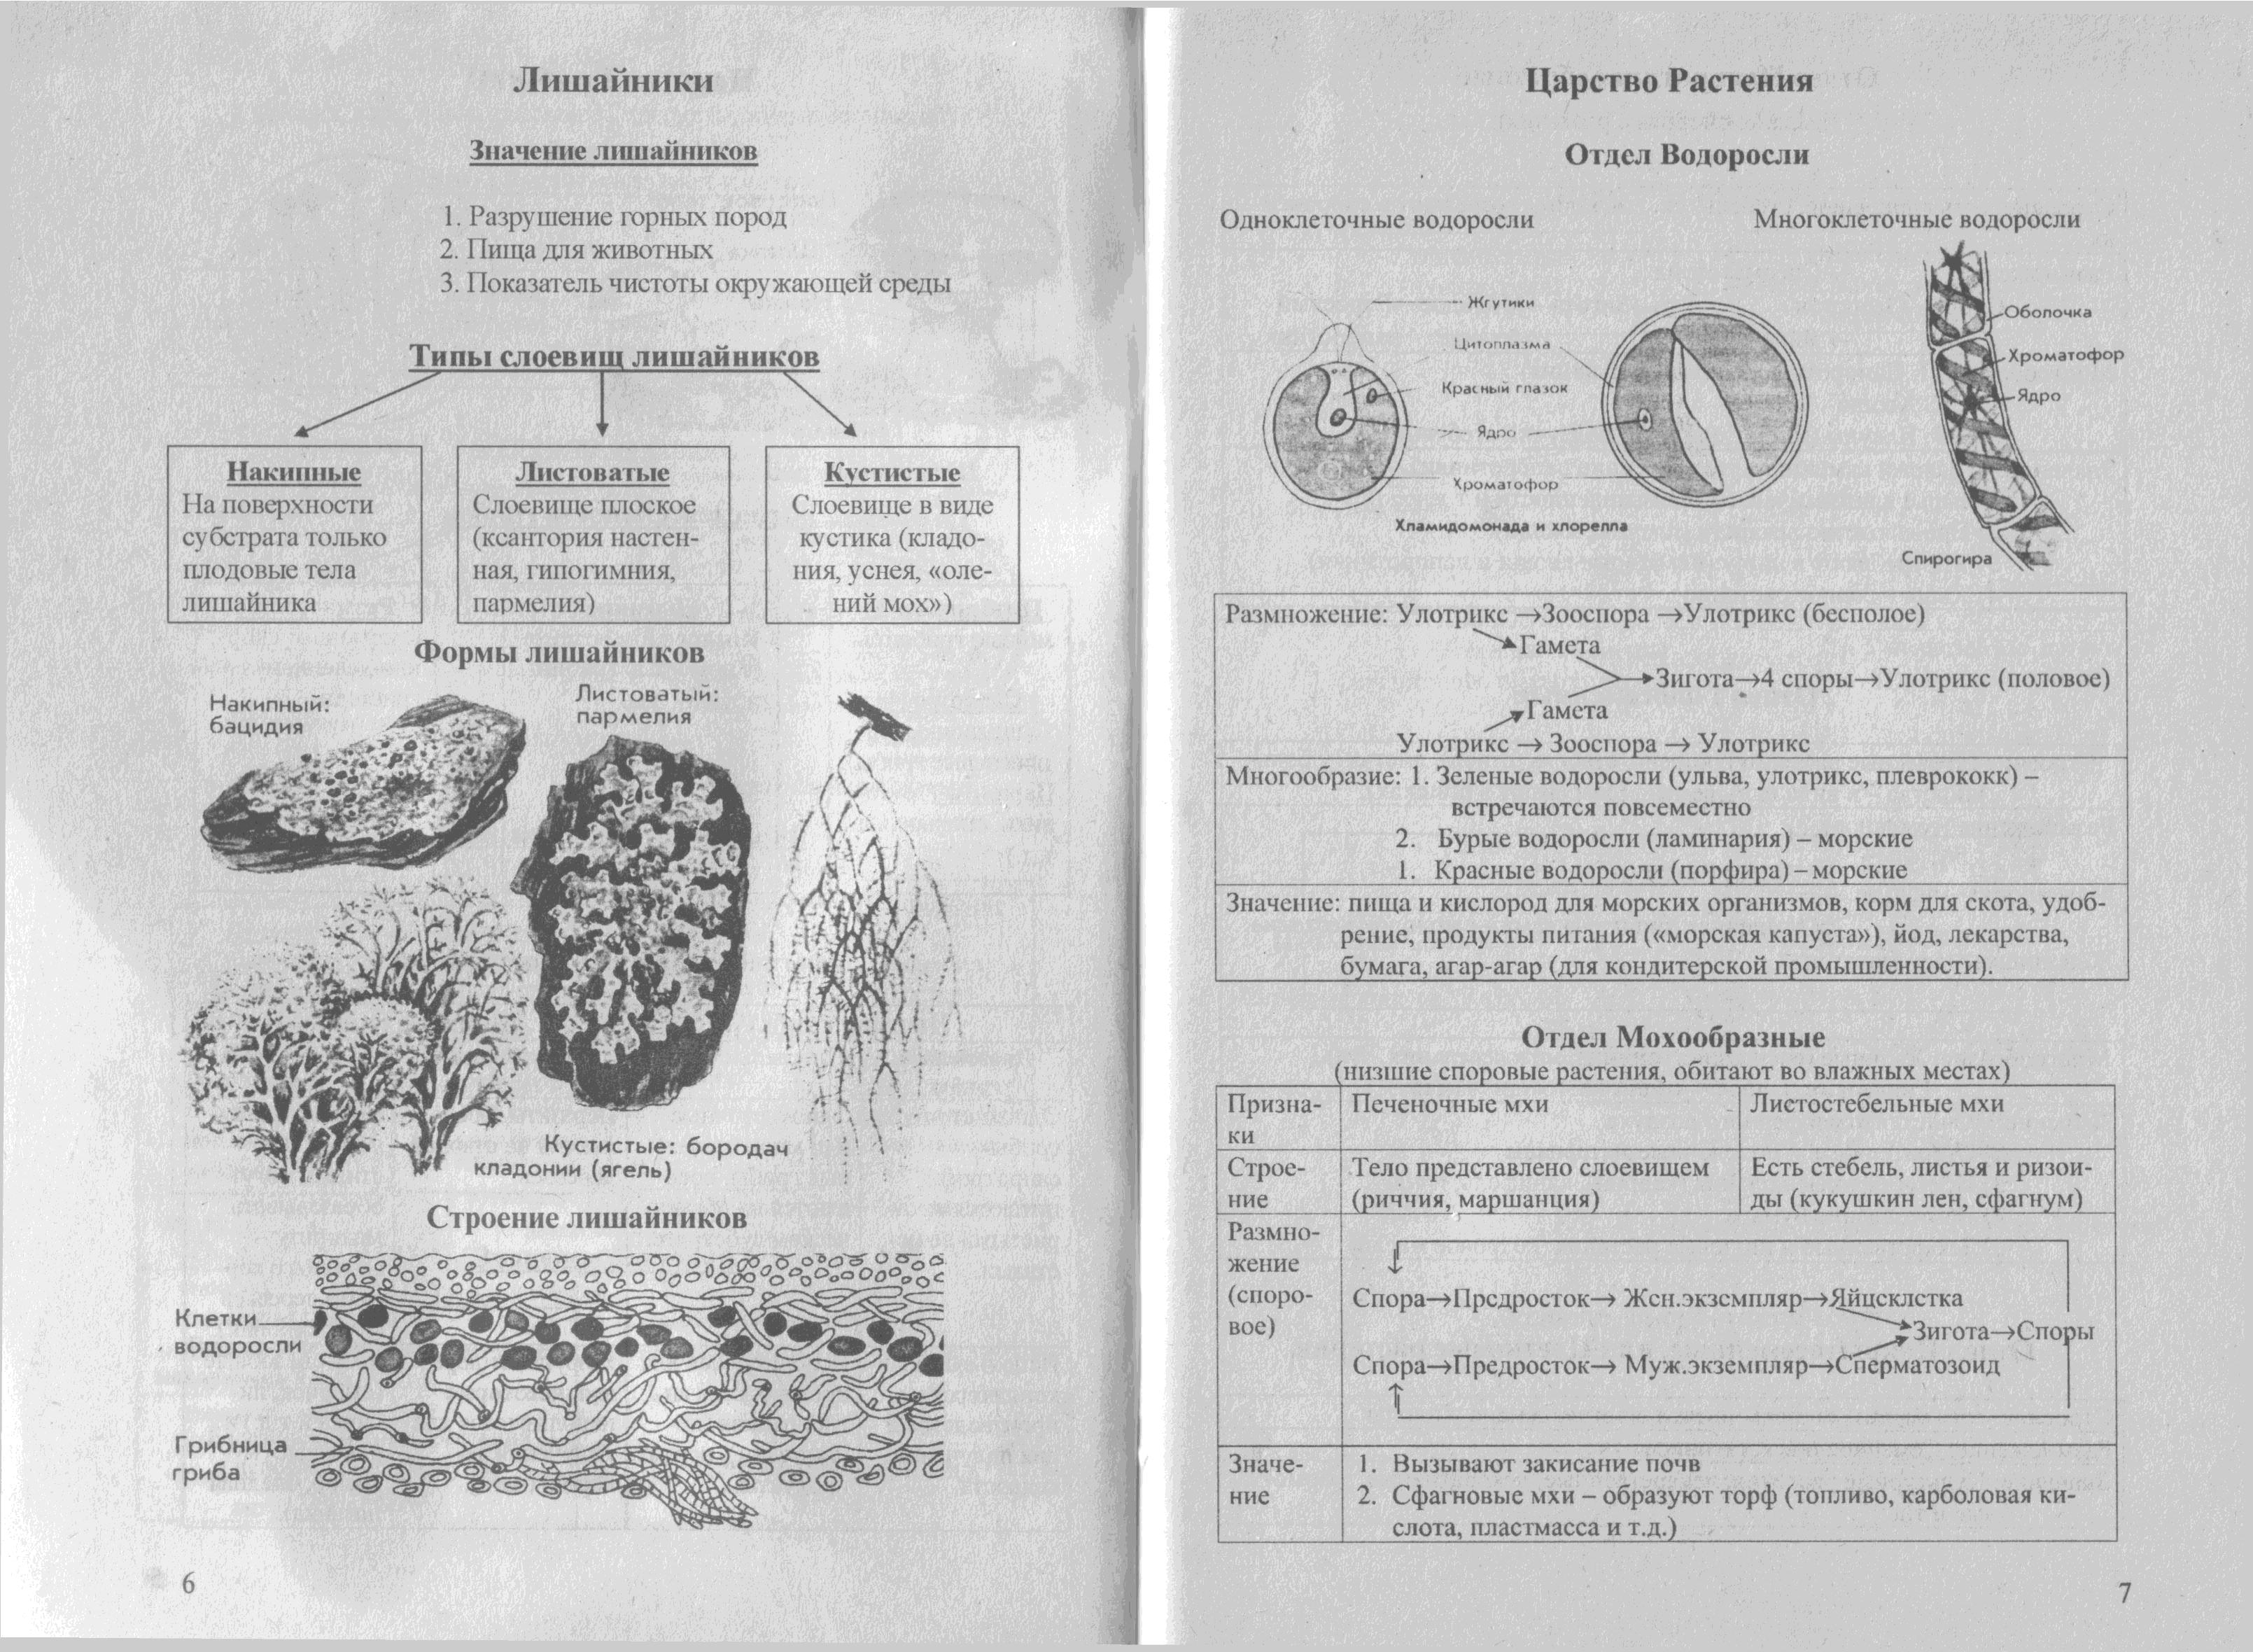 биология в картинках и схемах огэ мнению